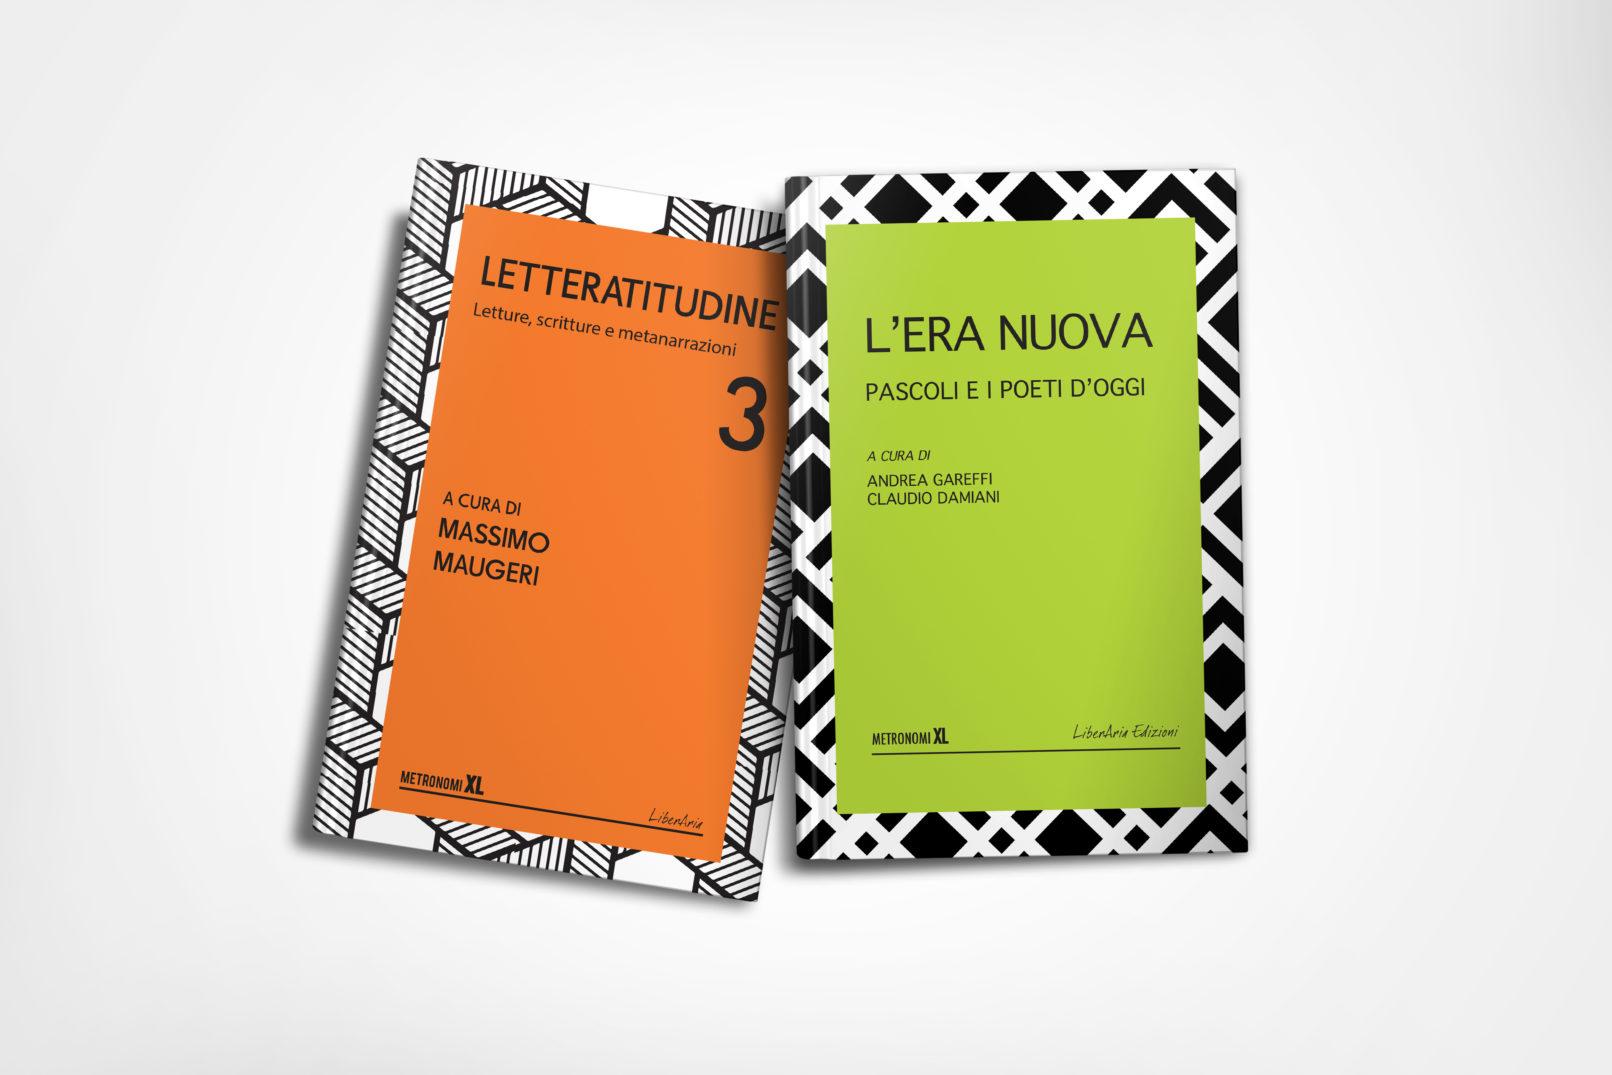 Book Cover Black Xl : Collana metronomi xl book cover design mariarosacomparato